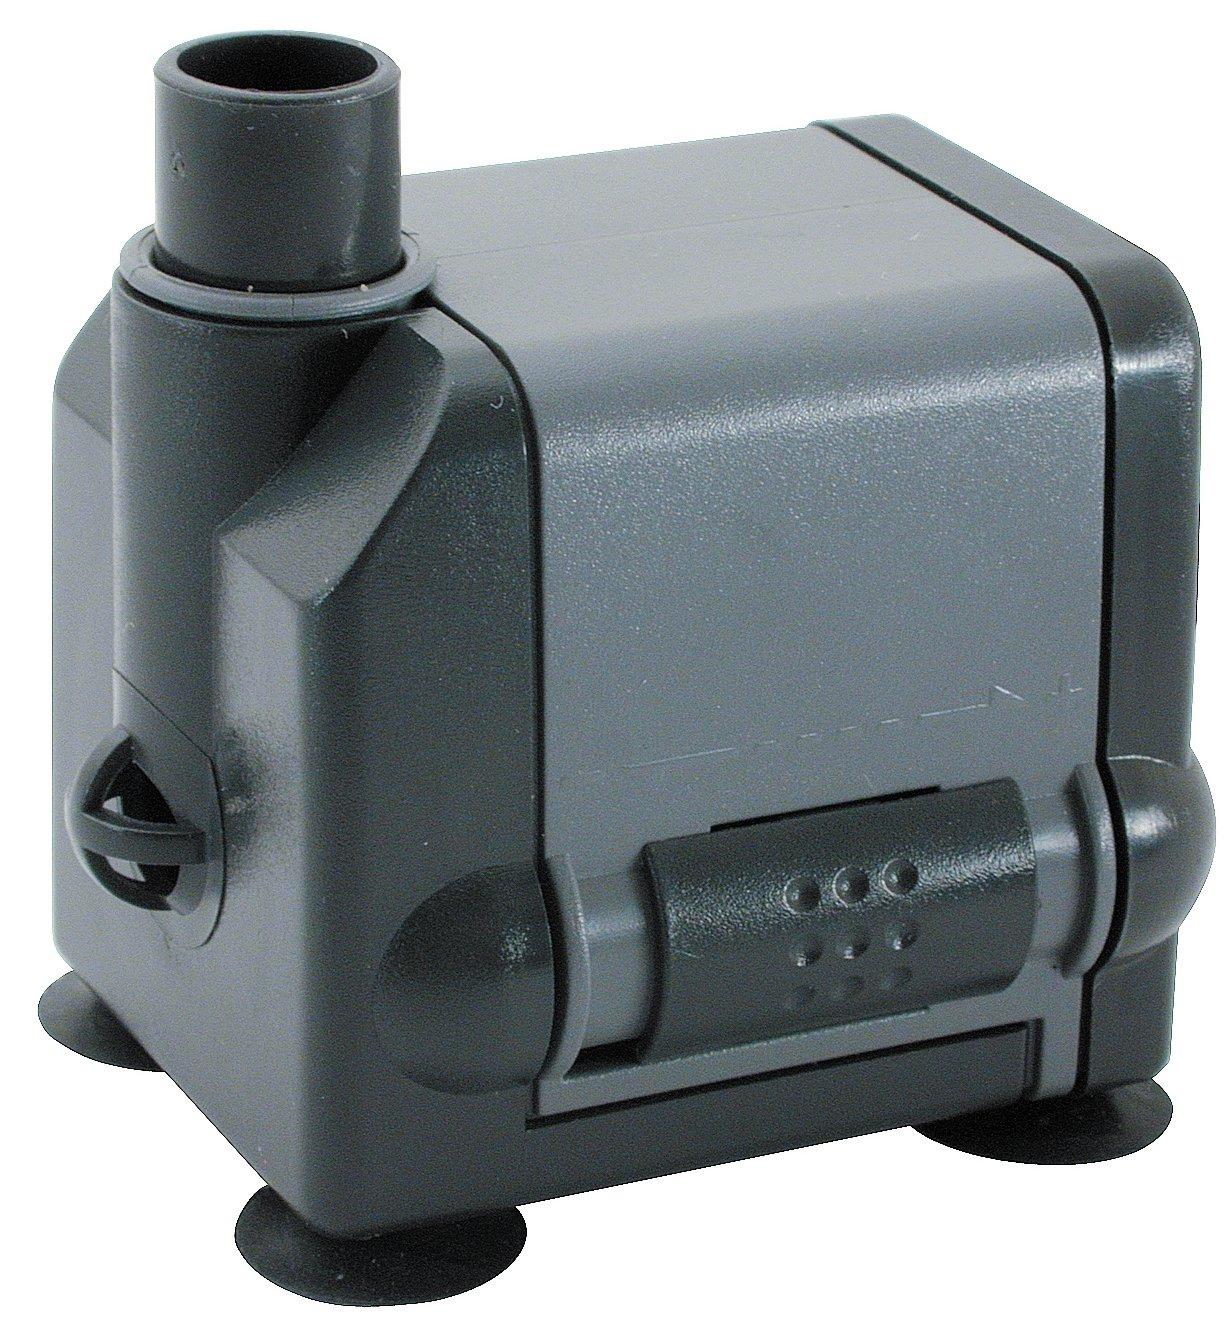 Sicce 990841 Micra Plus Pompe Universelle pour Aquarium 600 l//h 6,5 W